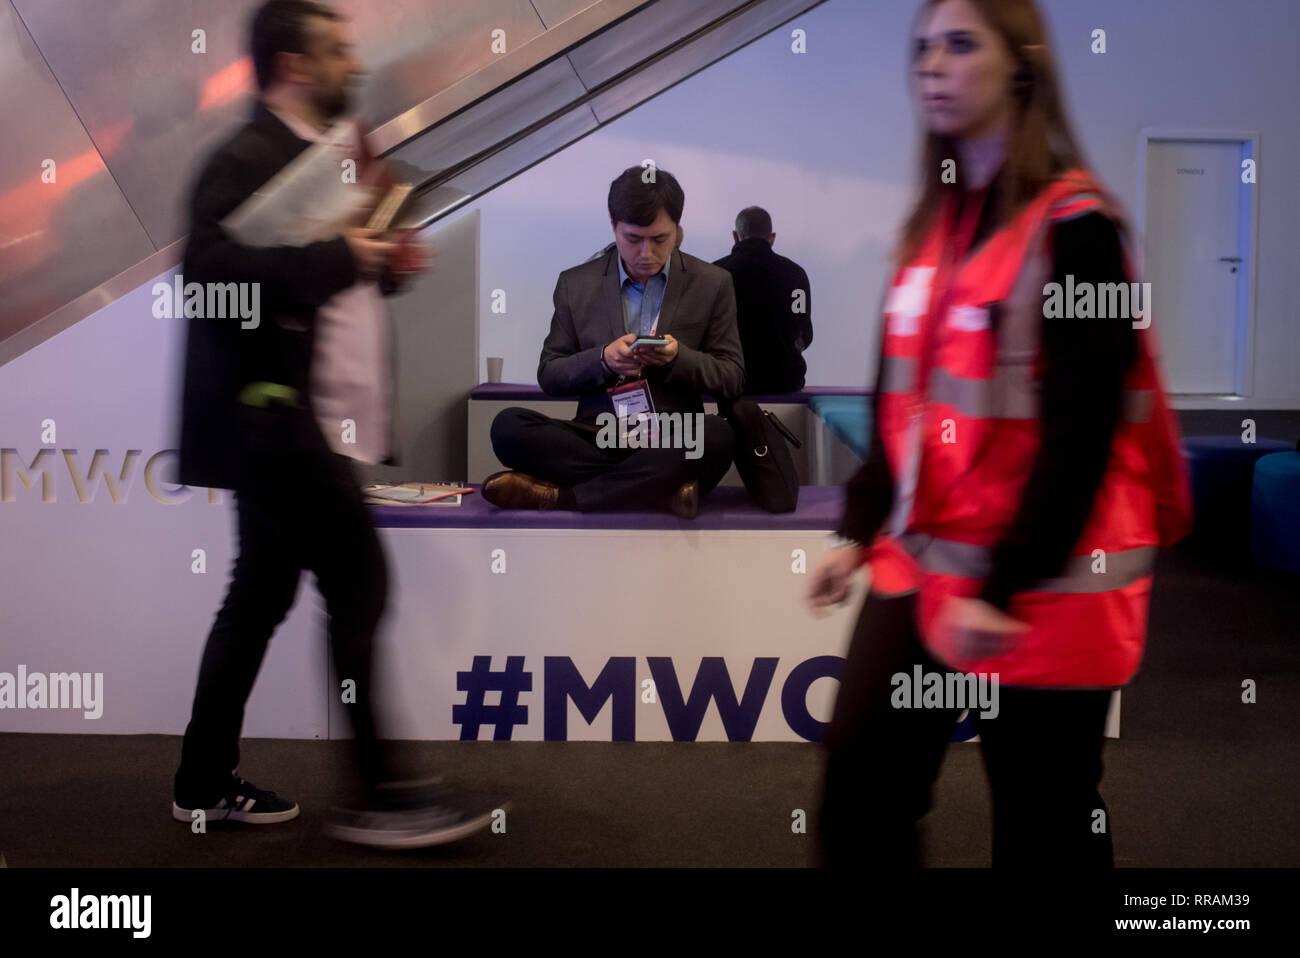 Barcelone, Catalogne, Espagne. Feb 25, 2019. Un préposé vérifie son téléphone mobile pendant le jour de l'ouverture de la GSMA Mobile World Congress 2019 à Barcelone, l'événement mondial le plus important sur la communication à partir d'appareils mobiles apportant togeteher les principales entreprises et les derniers développements dans le secteur. Crédit: Jordi Boixareu/ZUMA/Alamy Fil Live News Banque D'Images